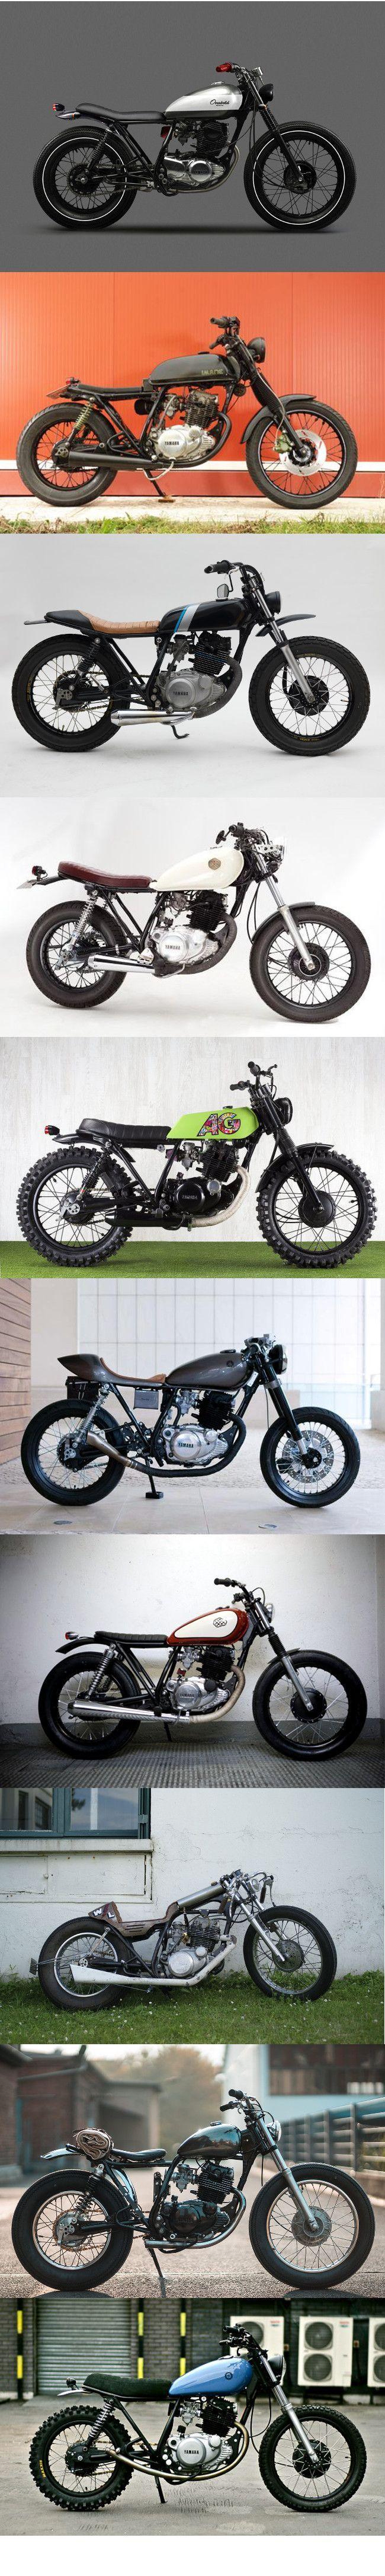 Modificações Lowcost para motos de baixa cilindrada.